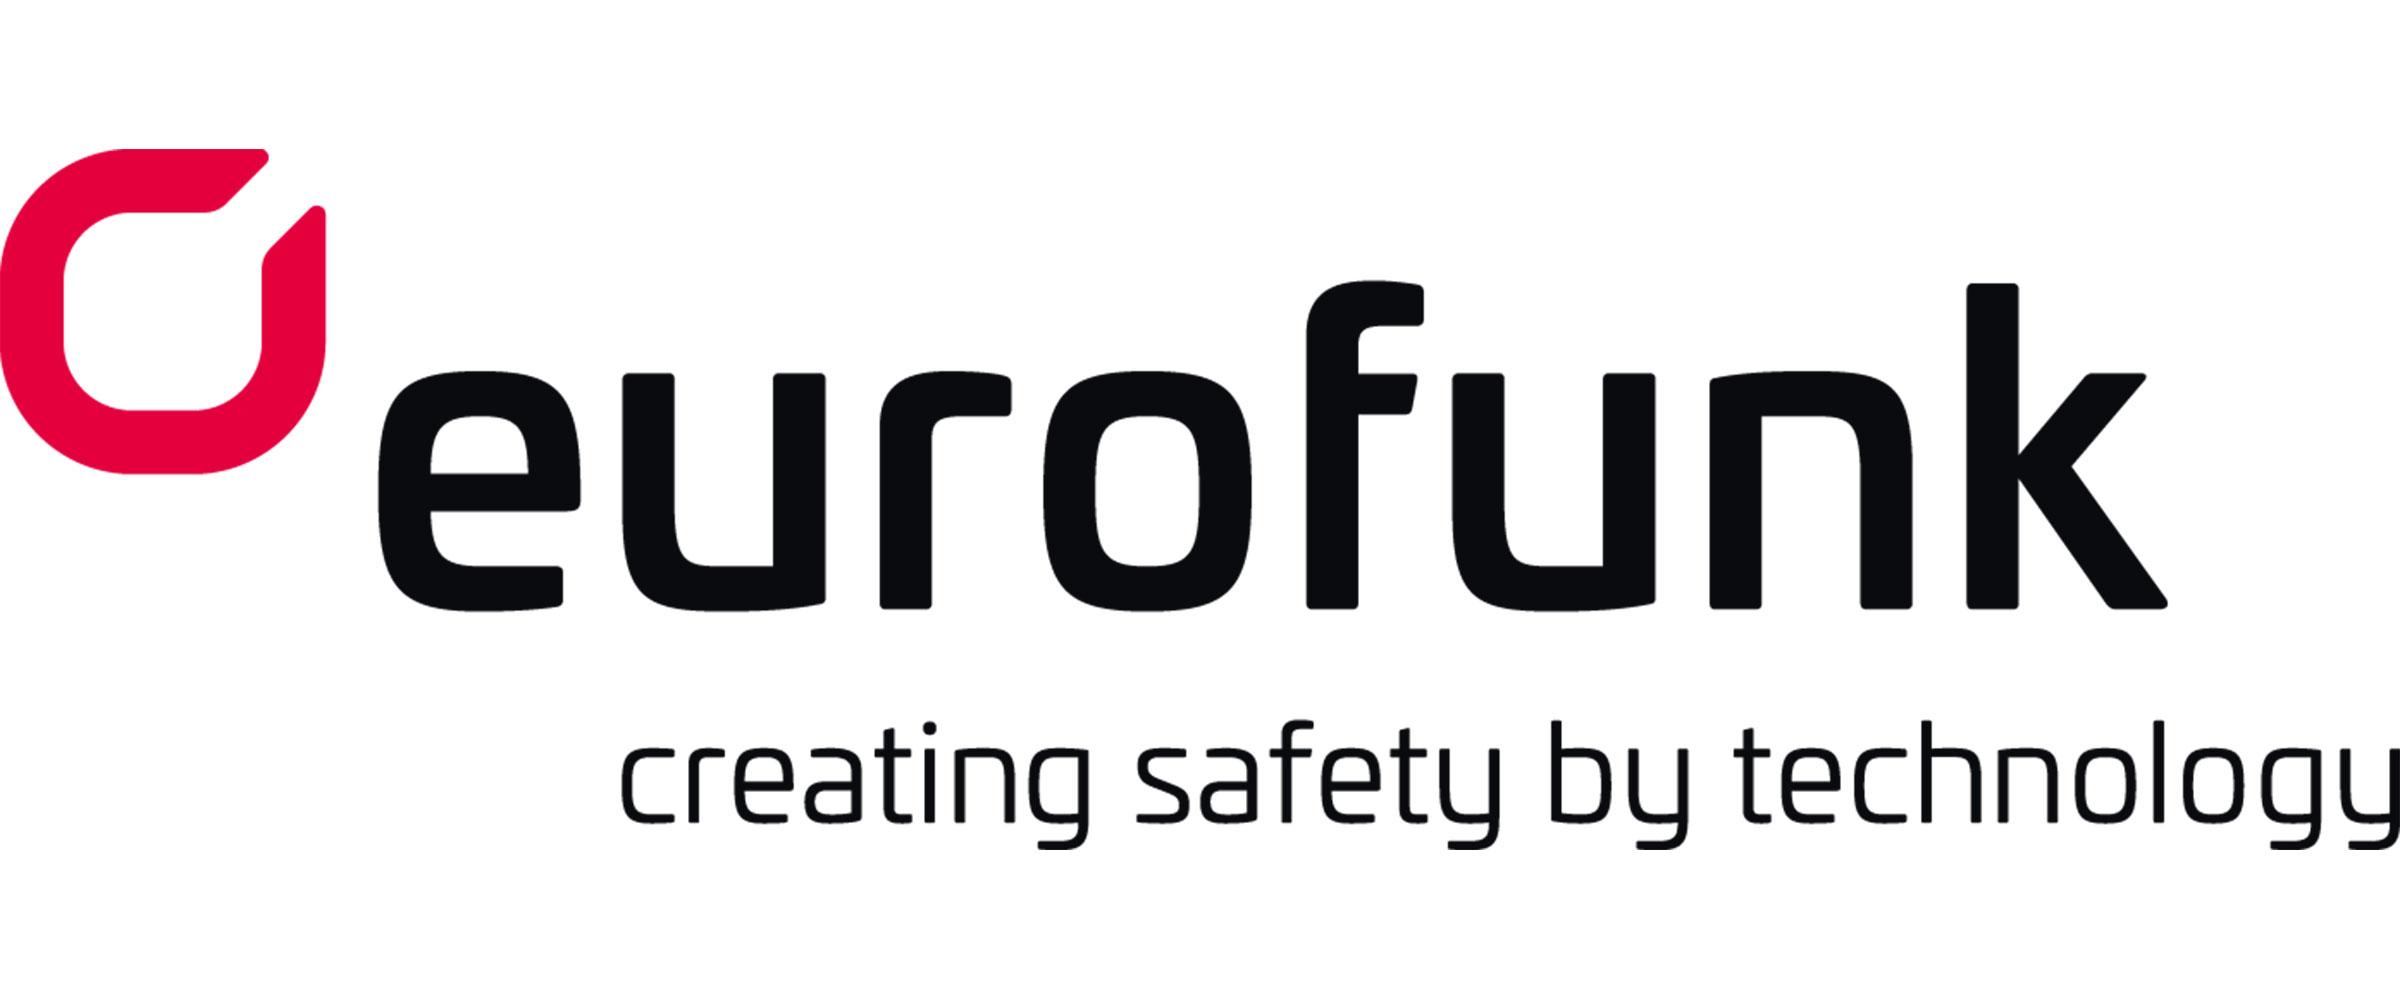 eurofunk